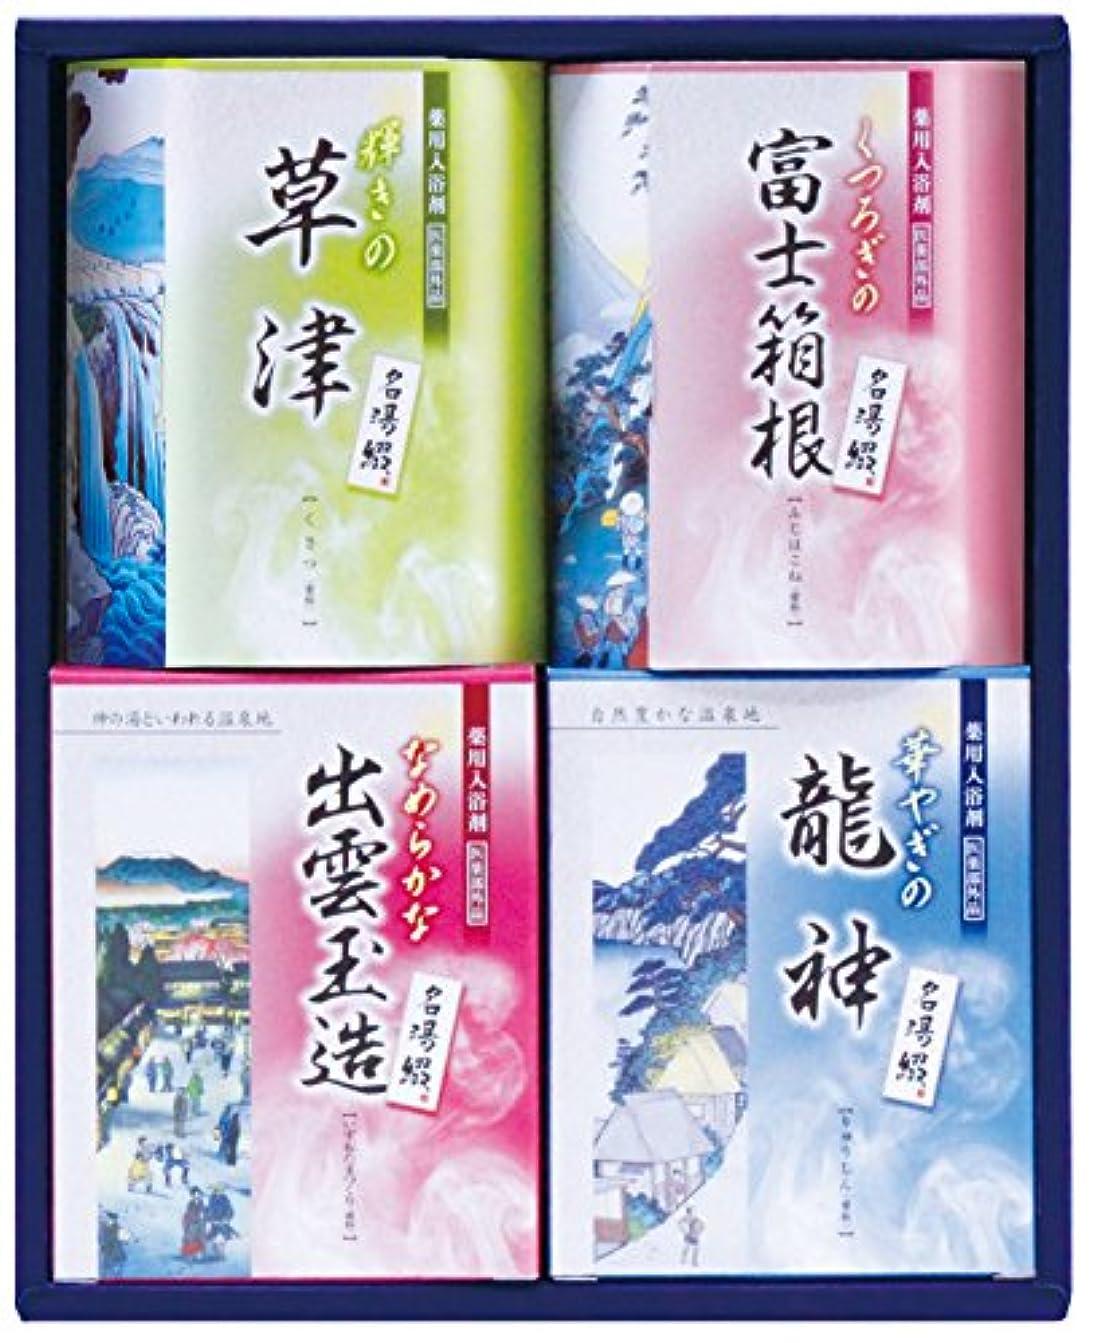 ベース一生運動マックス ギフト 薬用入浴剤 名湯綴 TML-10